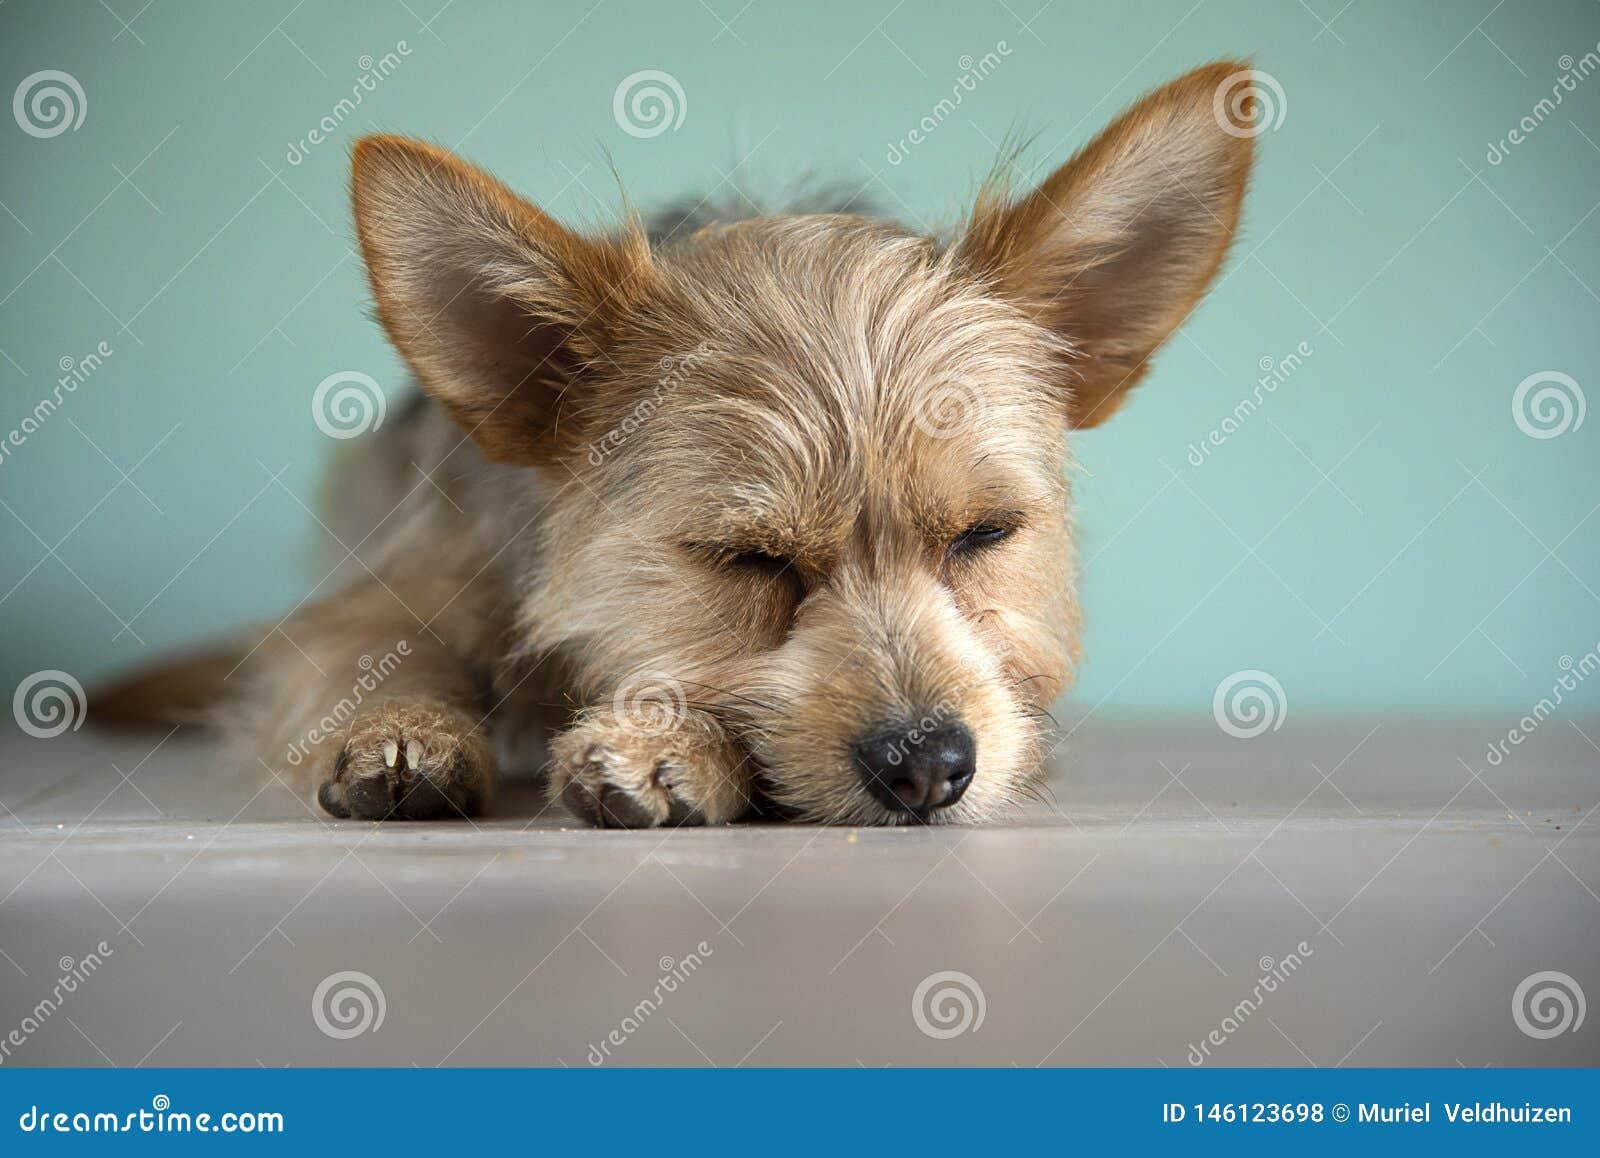 Милое ‹â€ ‹â€ собаки чихуахуа merle блю смешивания и щенка йоркширского терьера с глазом блю